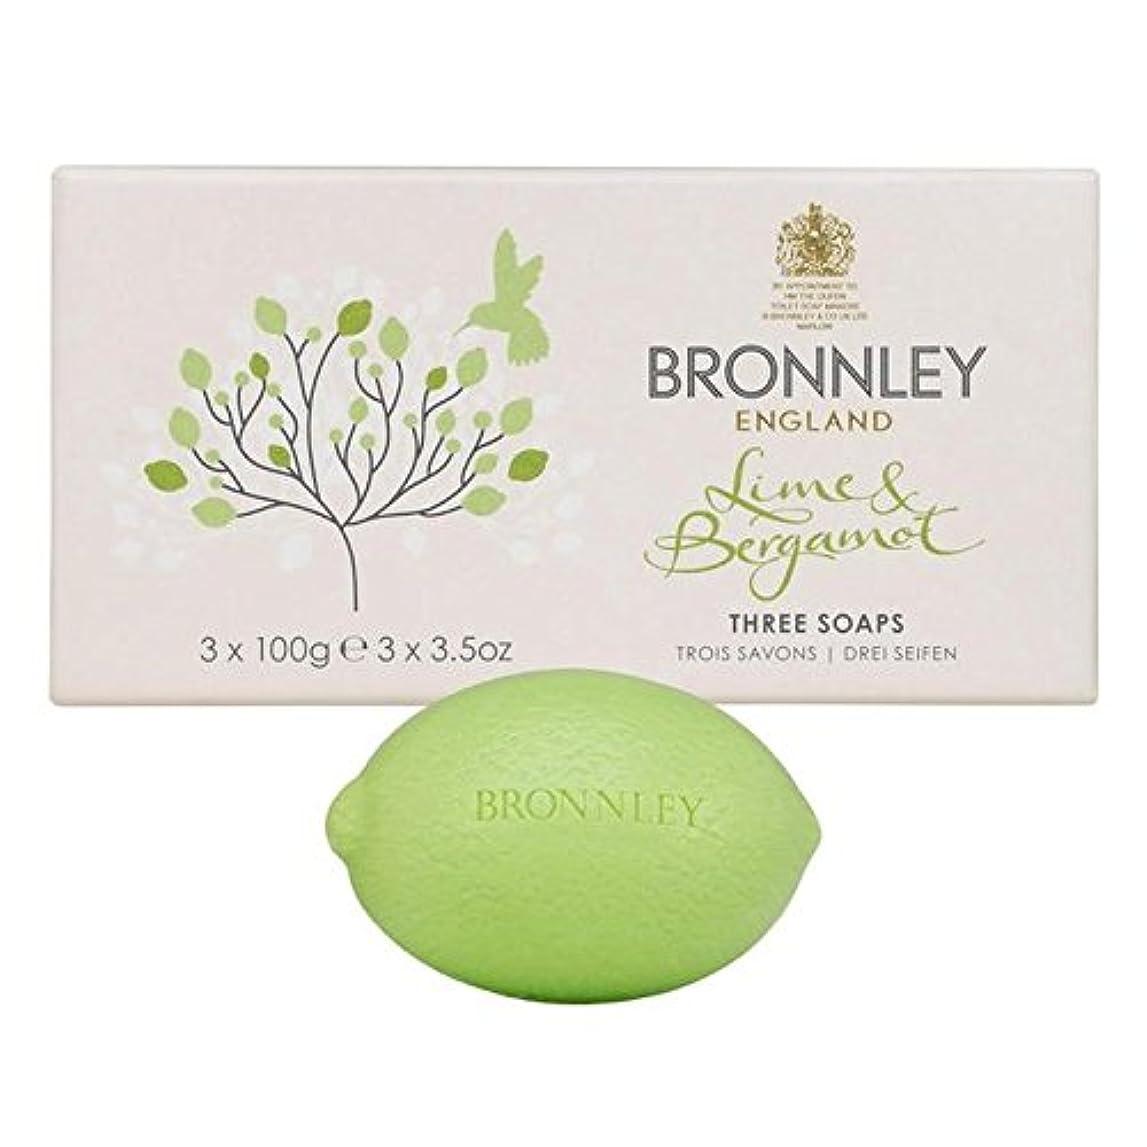 ラベル慎重高くBronnley Lime & Bergamot Soap 3 x 100g (Pack of 6) - ライム&ベルガモット石鹸3×100グラム x6 [並行輸入品]